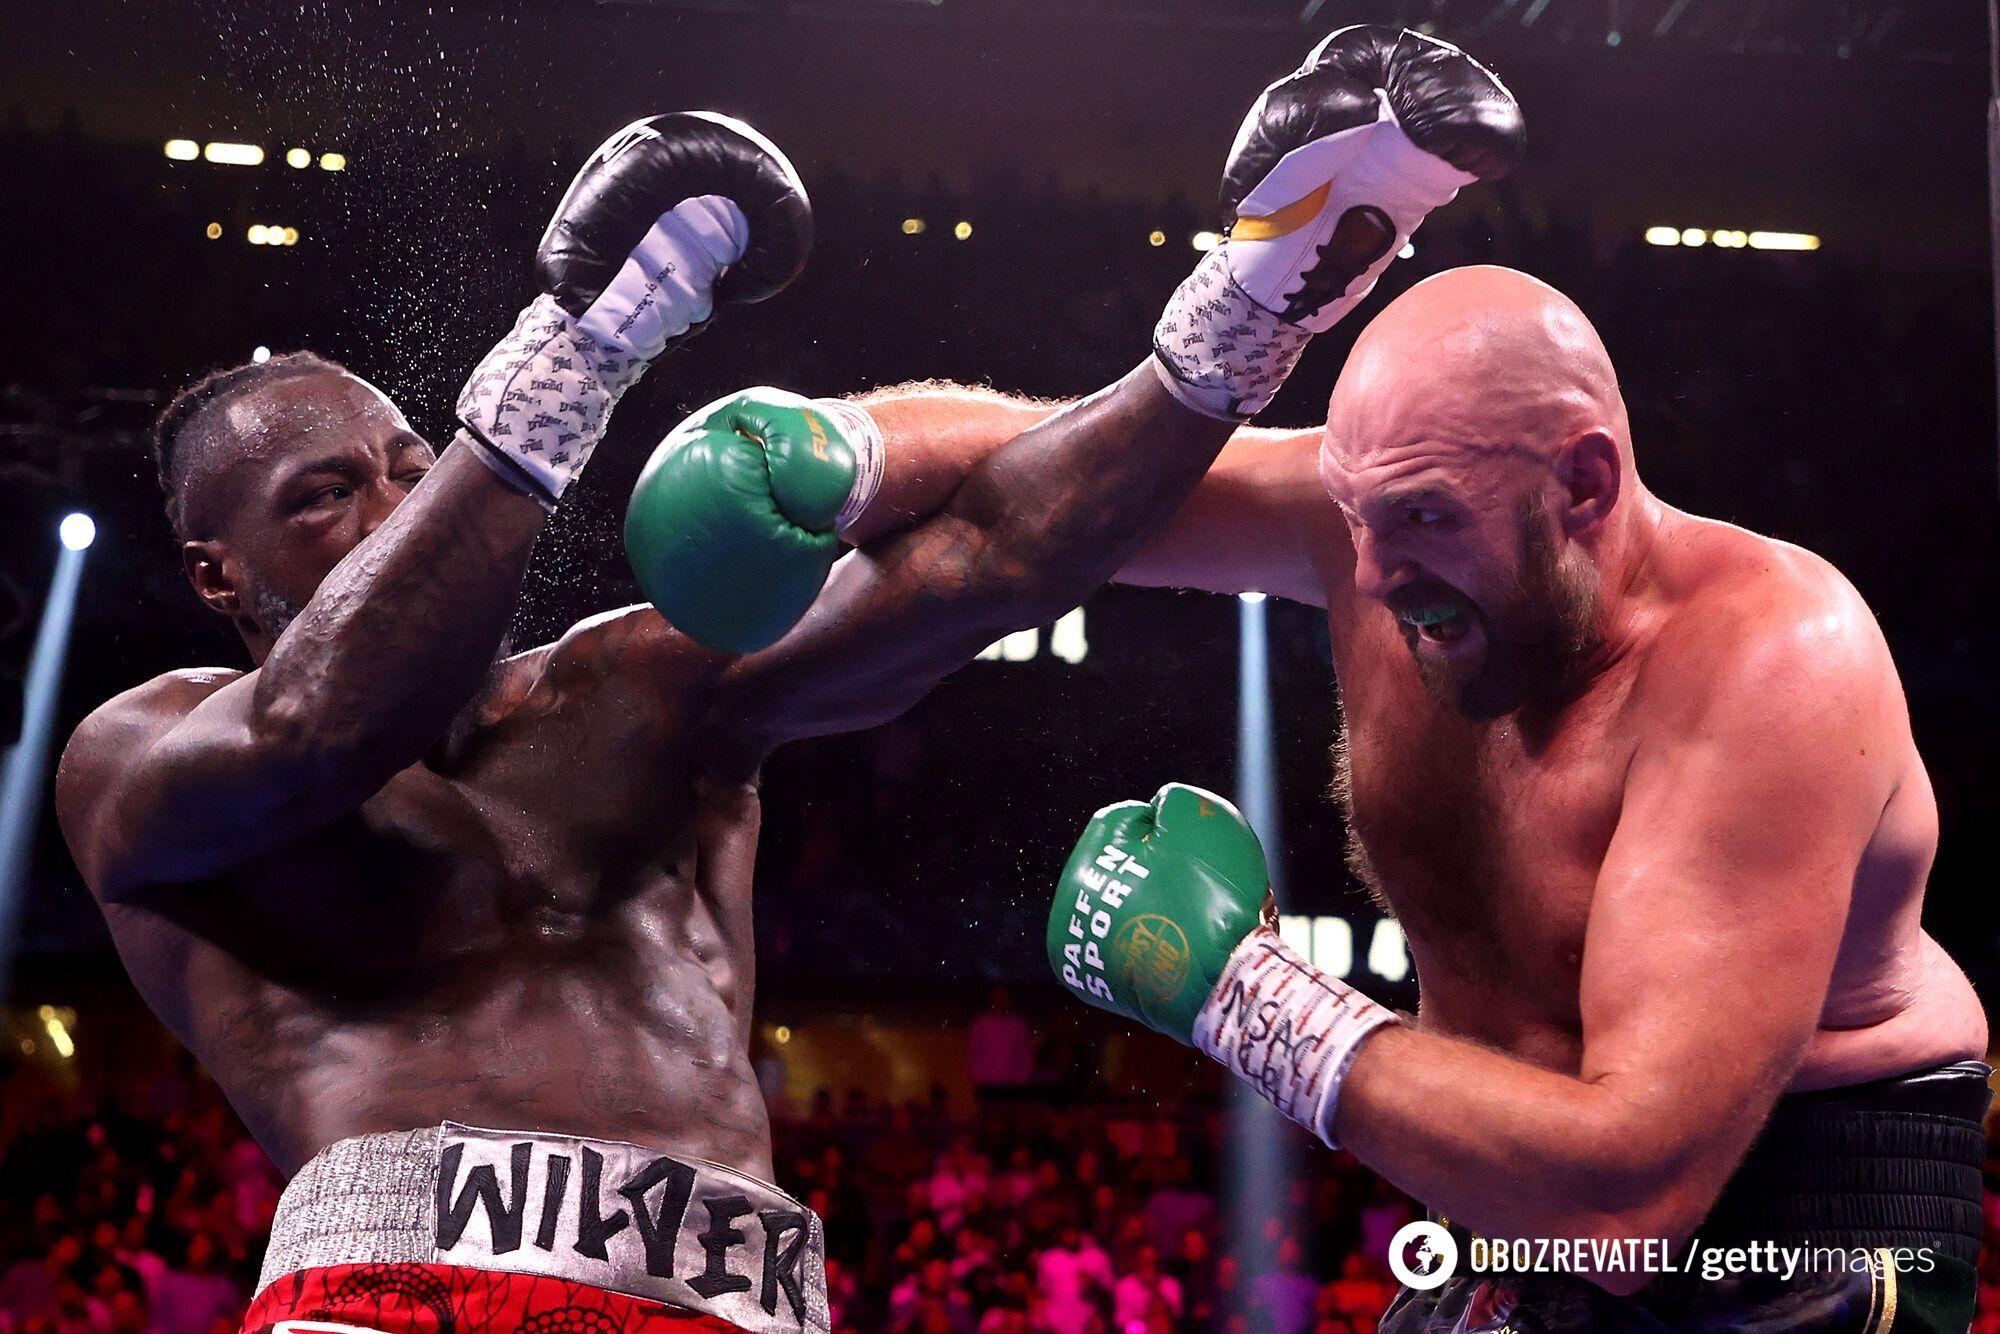 Боксери влаштували рубку.